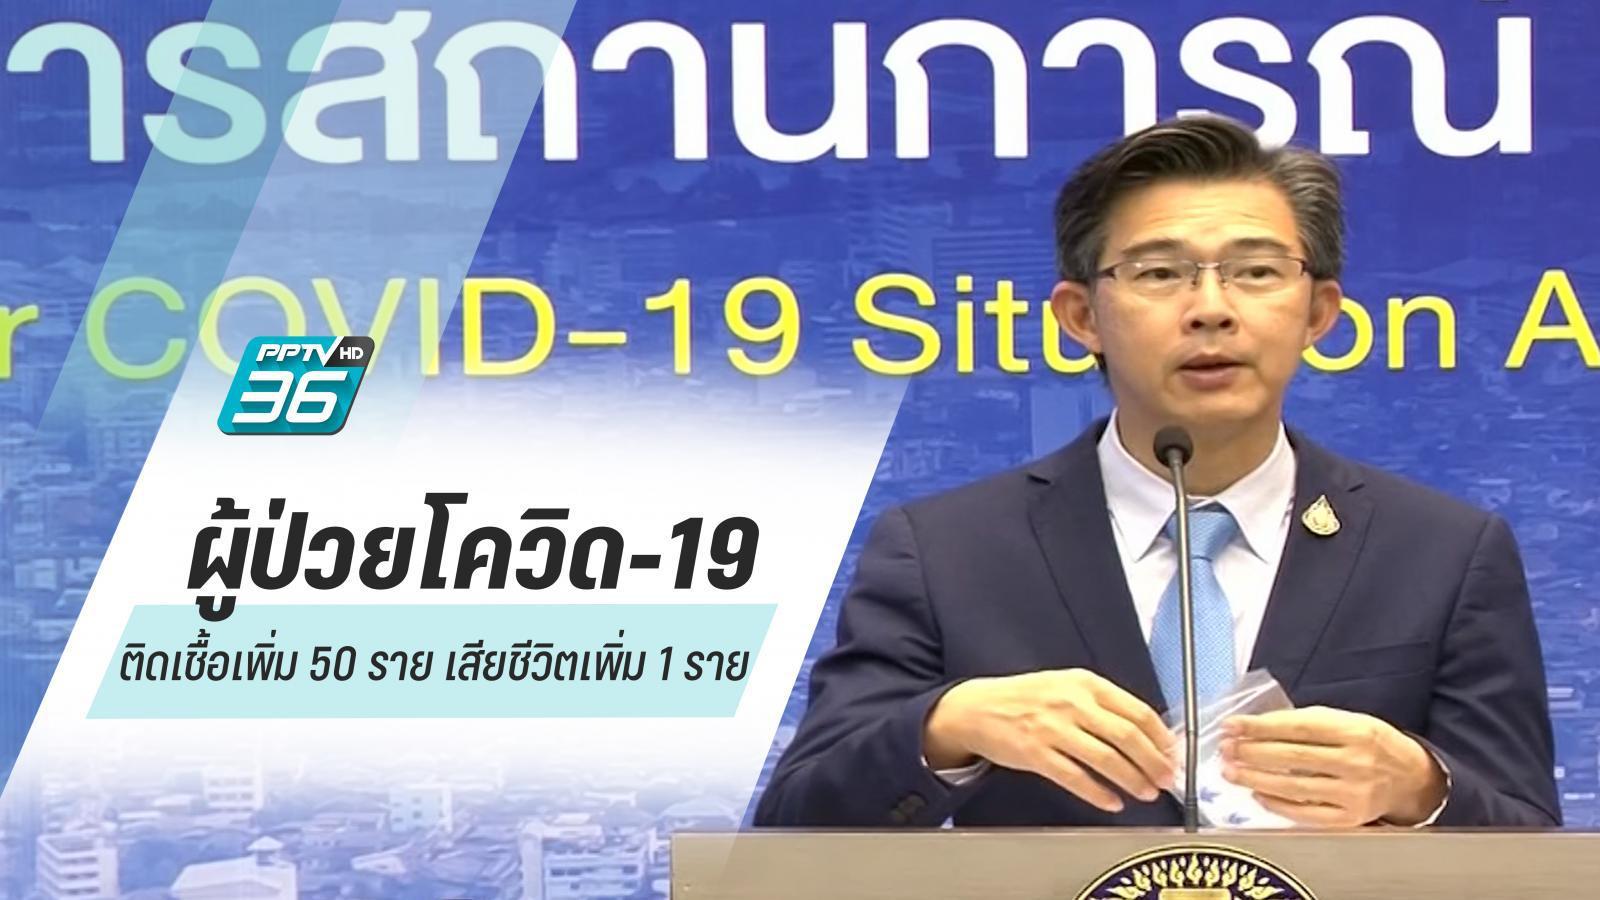 ผู้ป่วยโควิด-19 ติดเชื้อเพิ่ม 50 ราย เสียชีวิตเพิ่ม 1 ราย เป็นหญิงชาวไทย